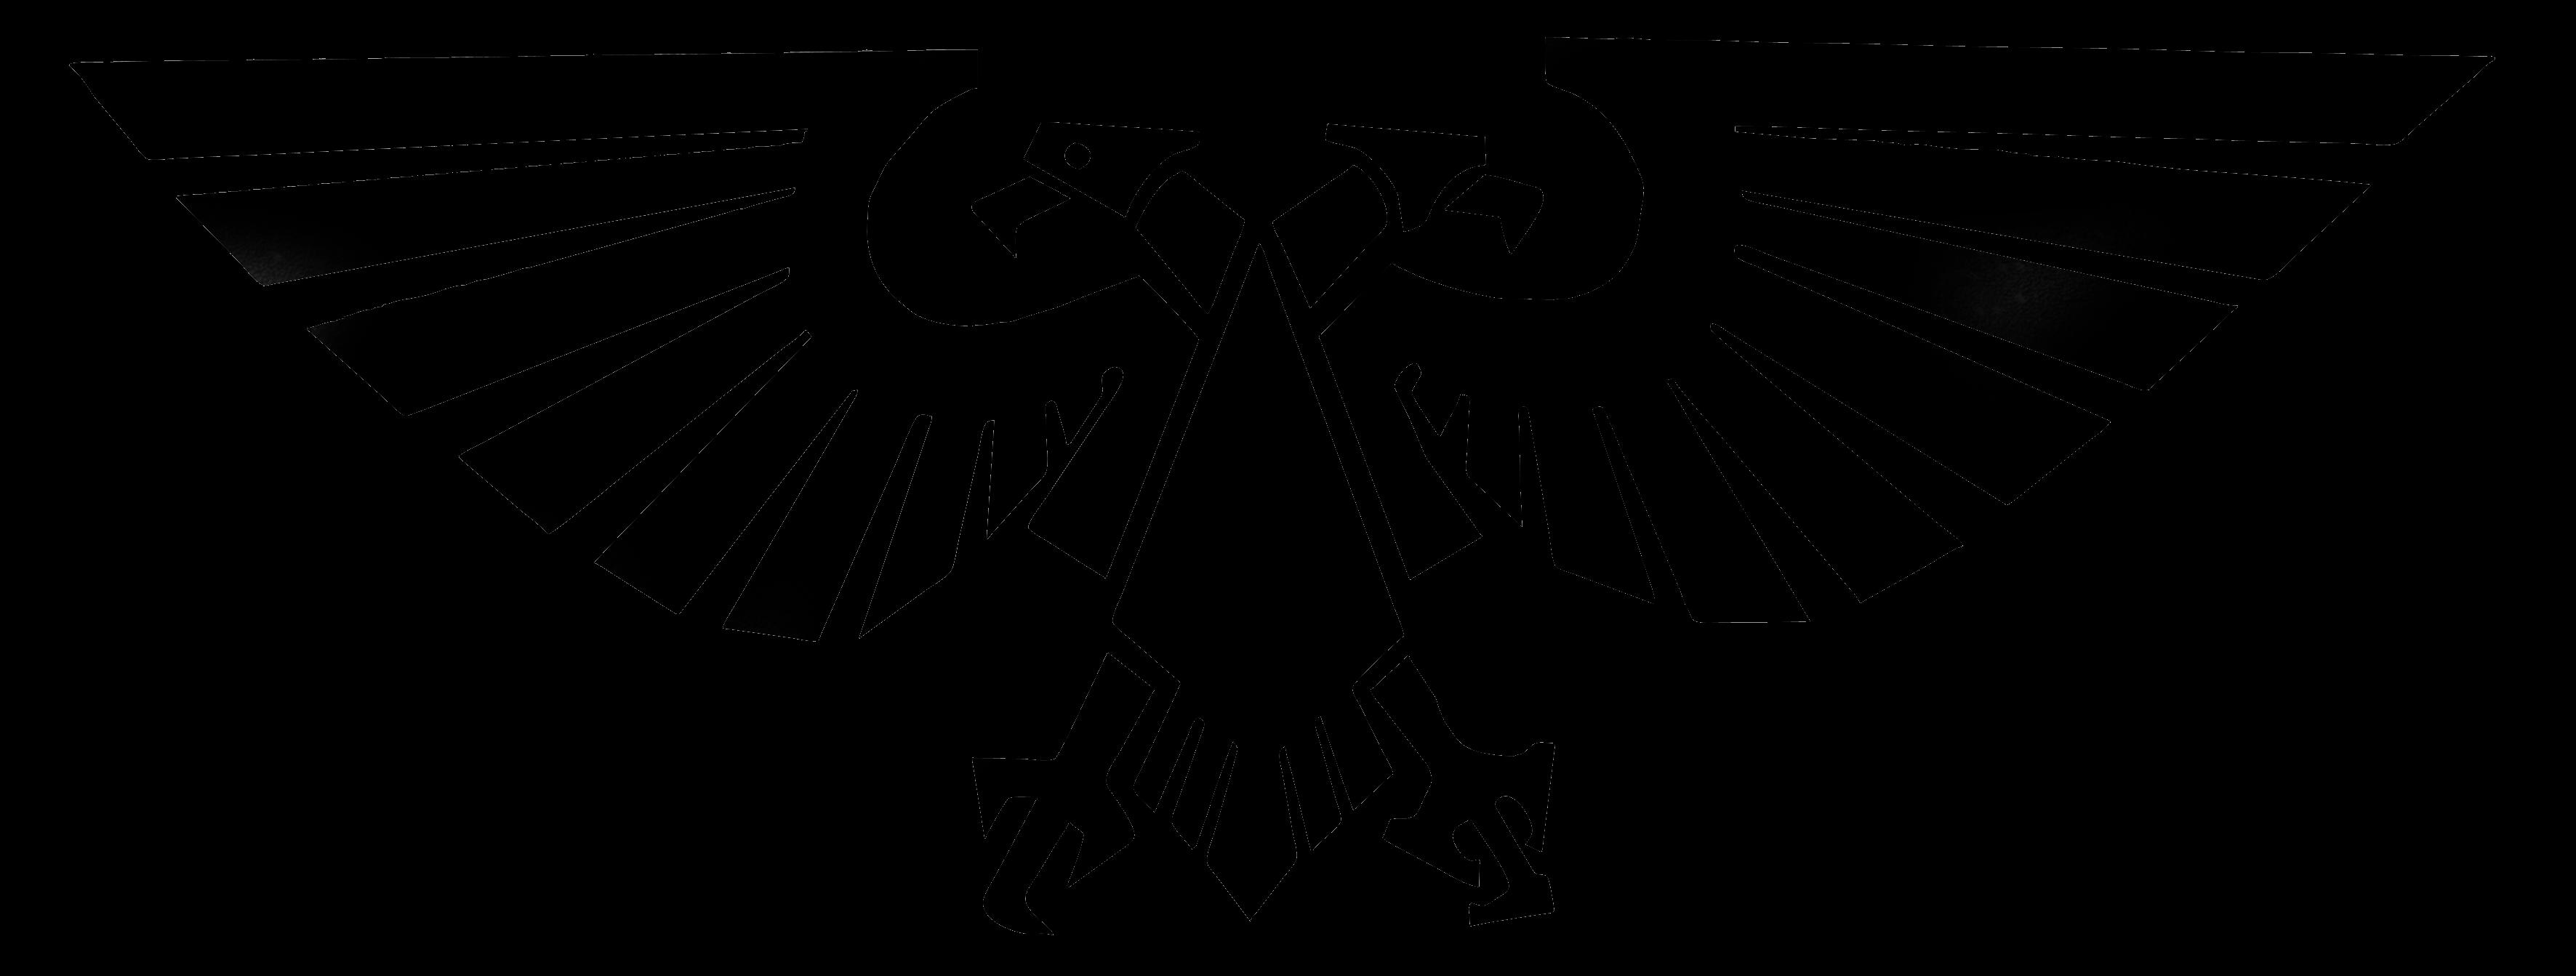 Eagle black logo PNG image, free download